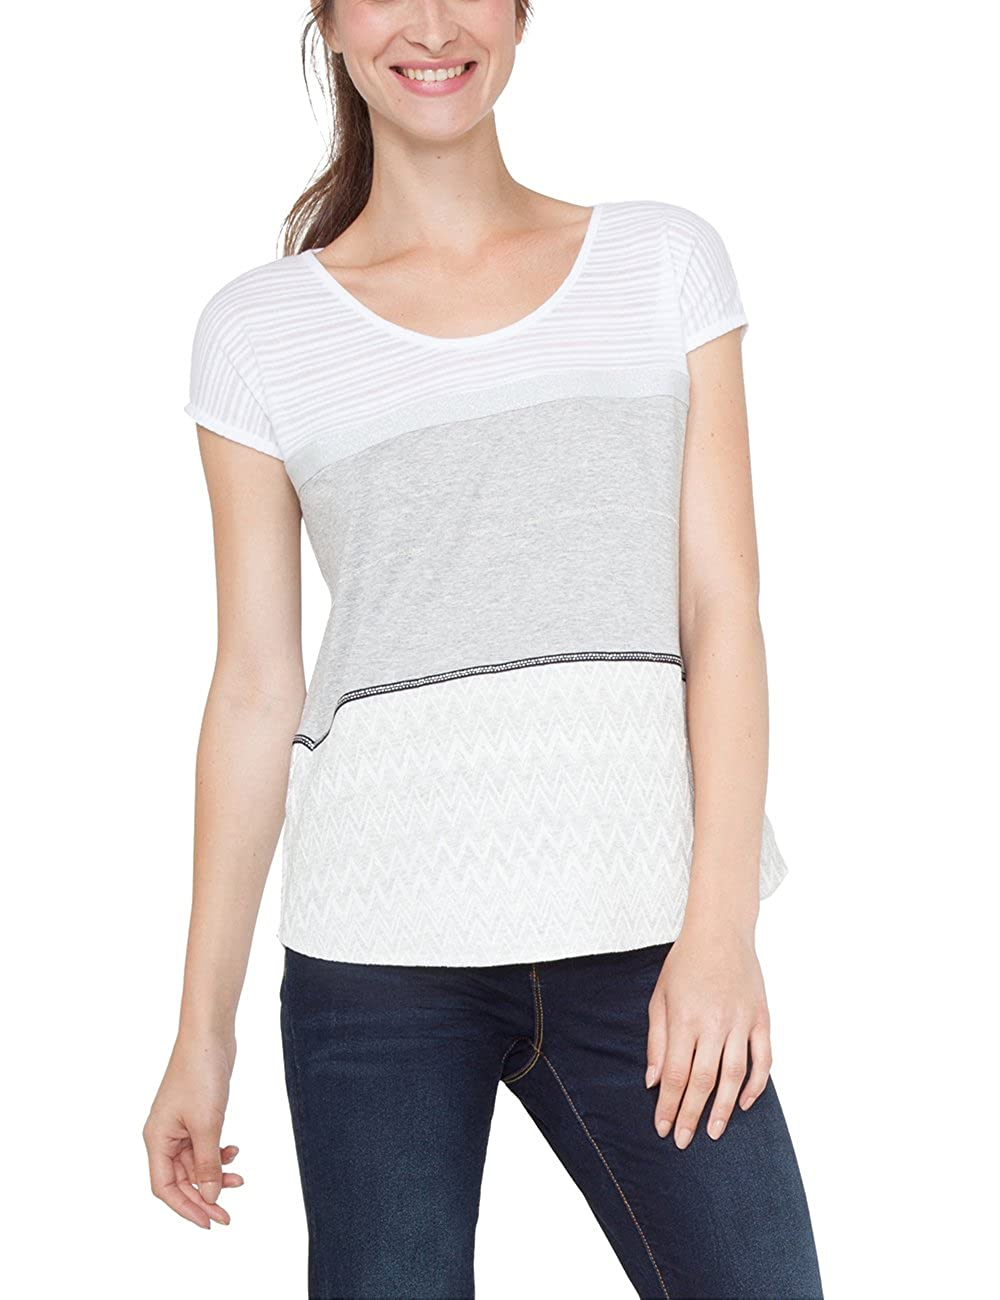 Para Accesorios mire Mujer Ts Desigual Ropa Y Camiseta es Amazon OfF1wqz